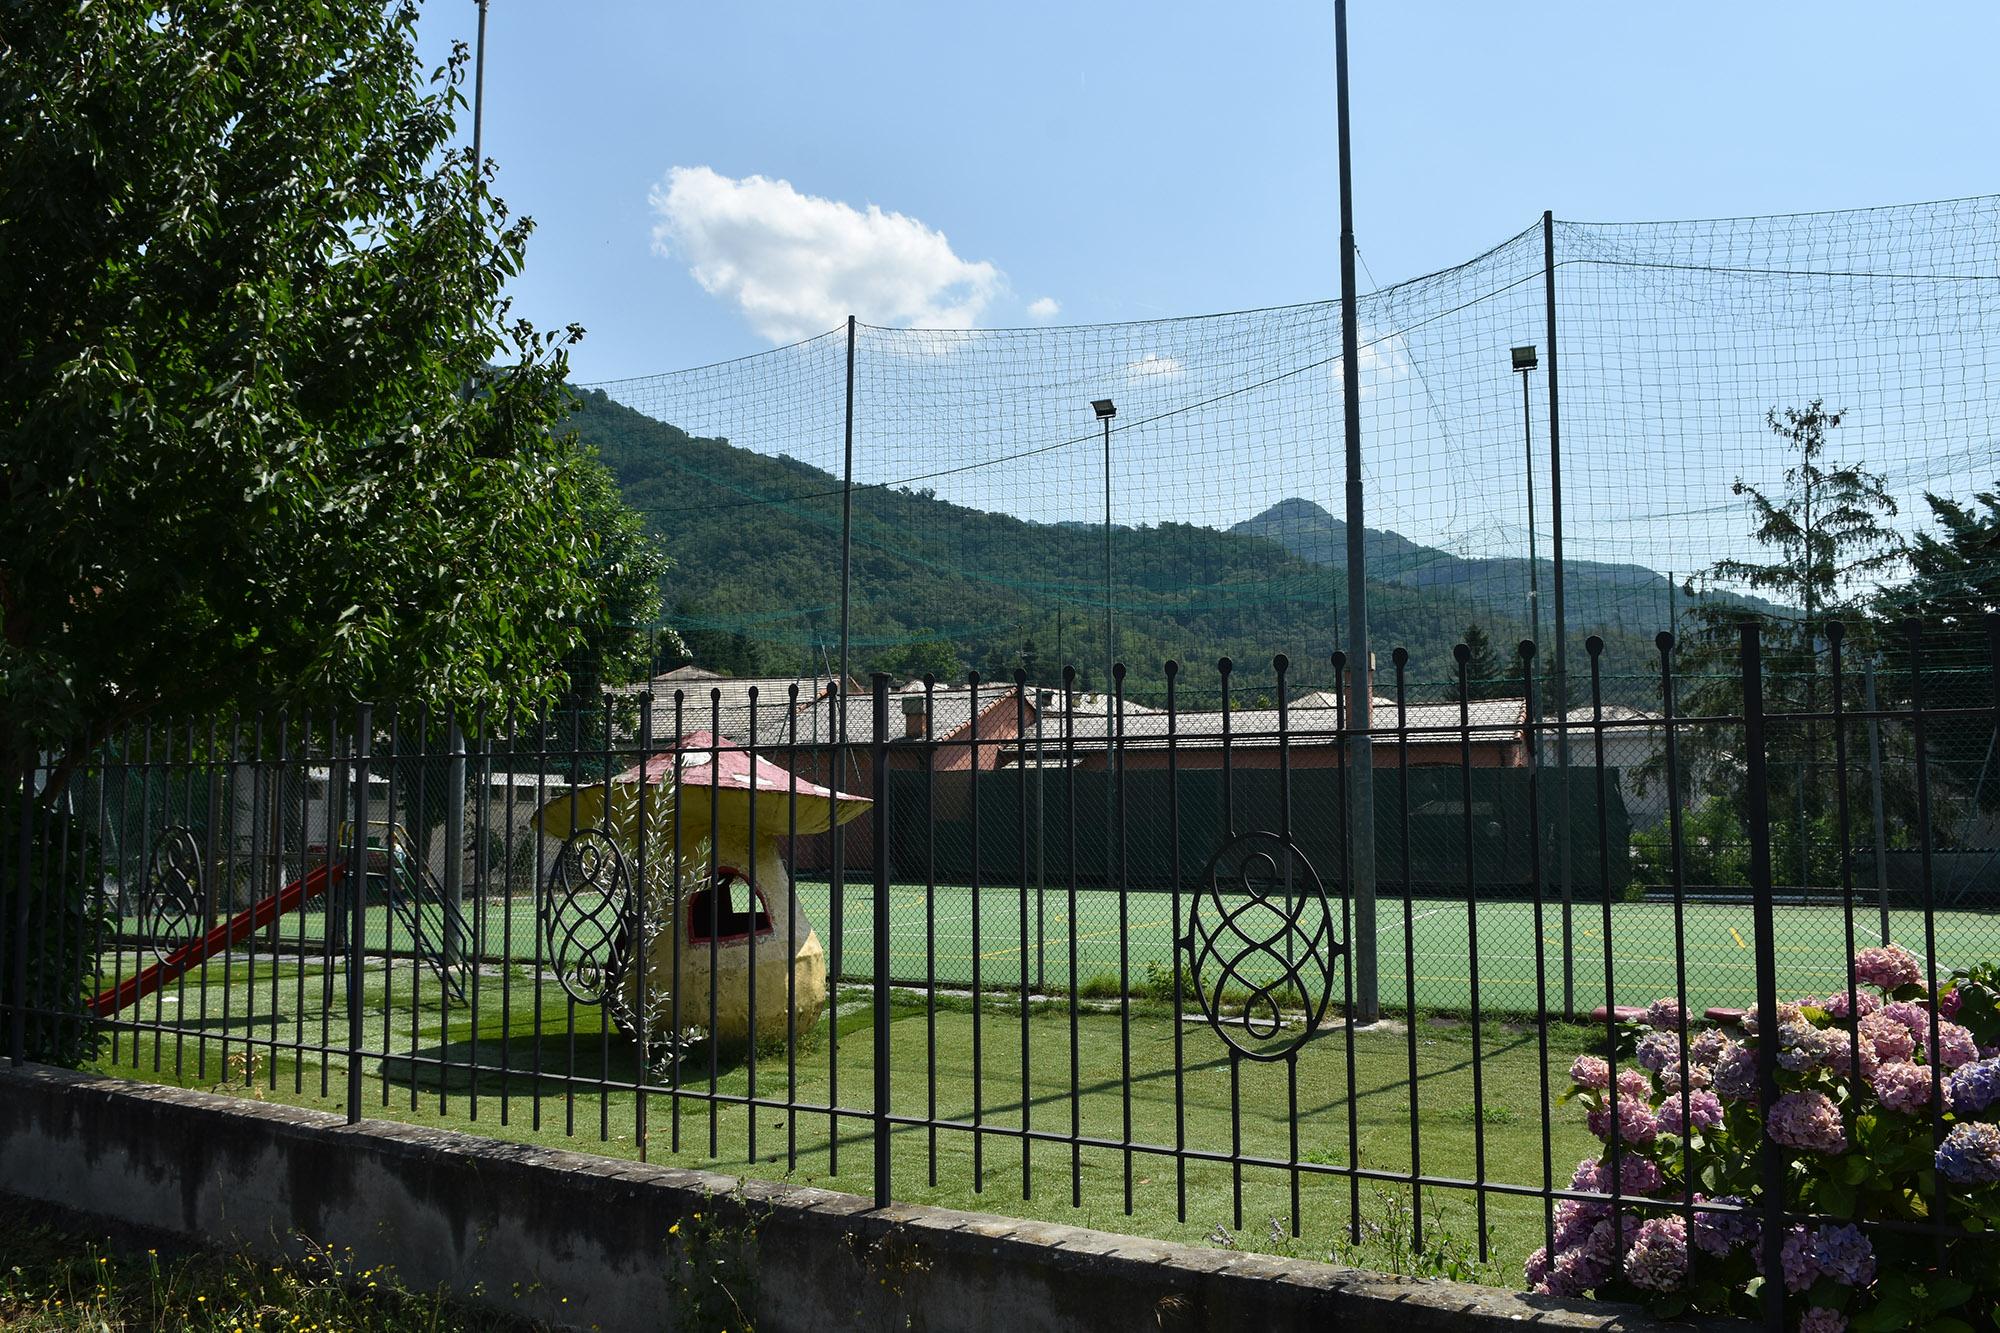 L'esterno dell'oratorio con il parco giochi